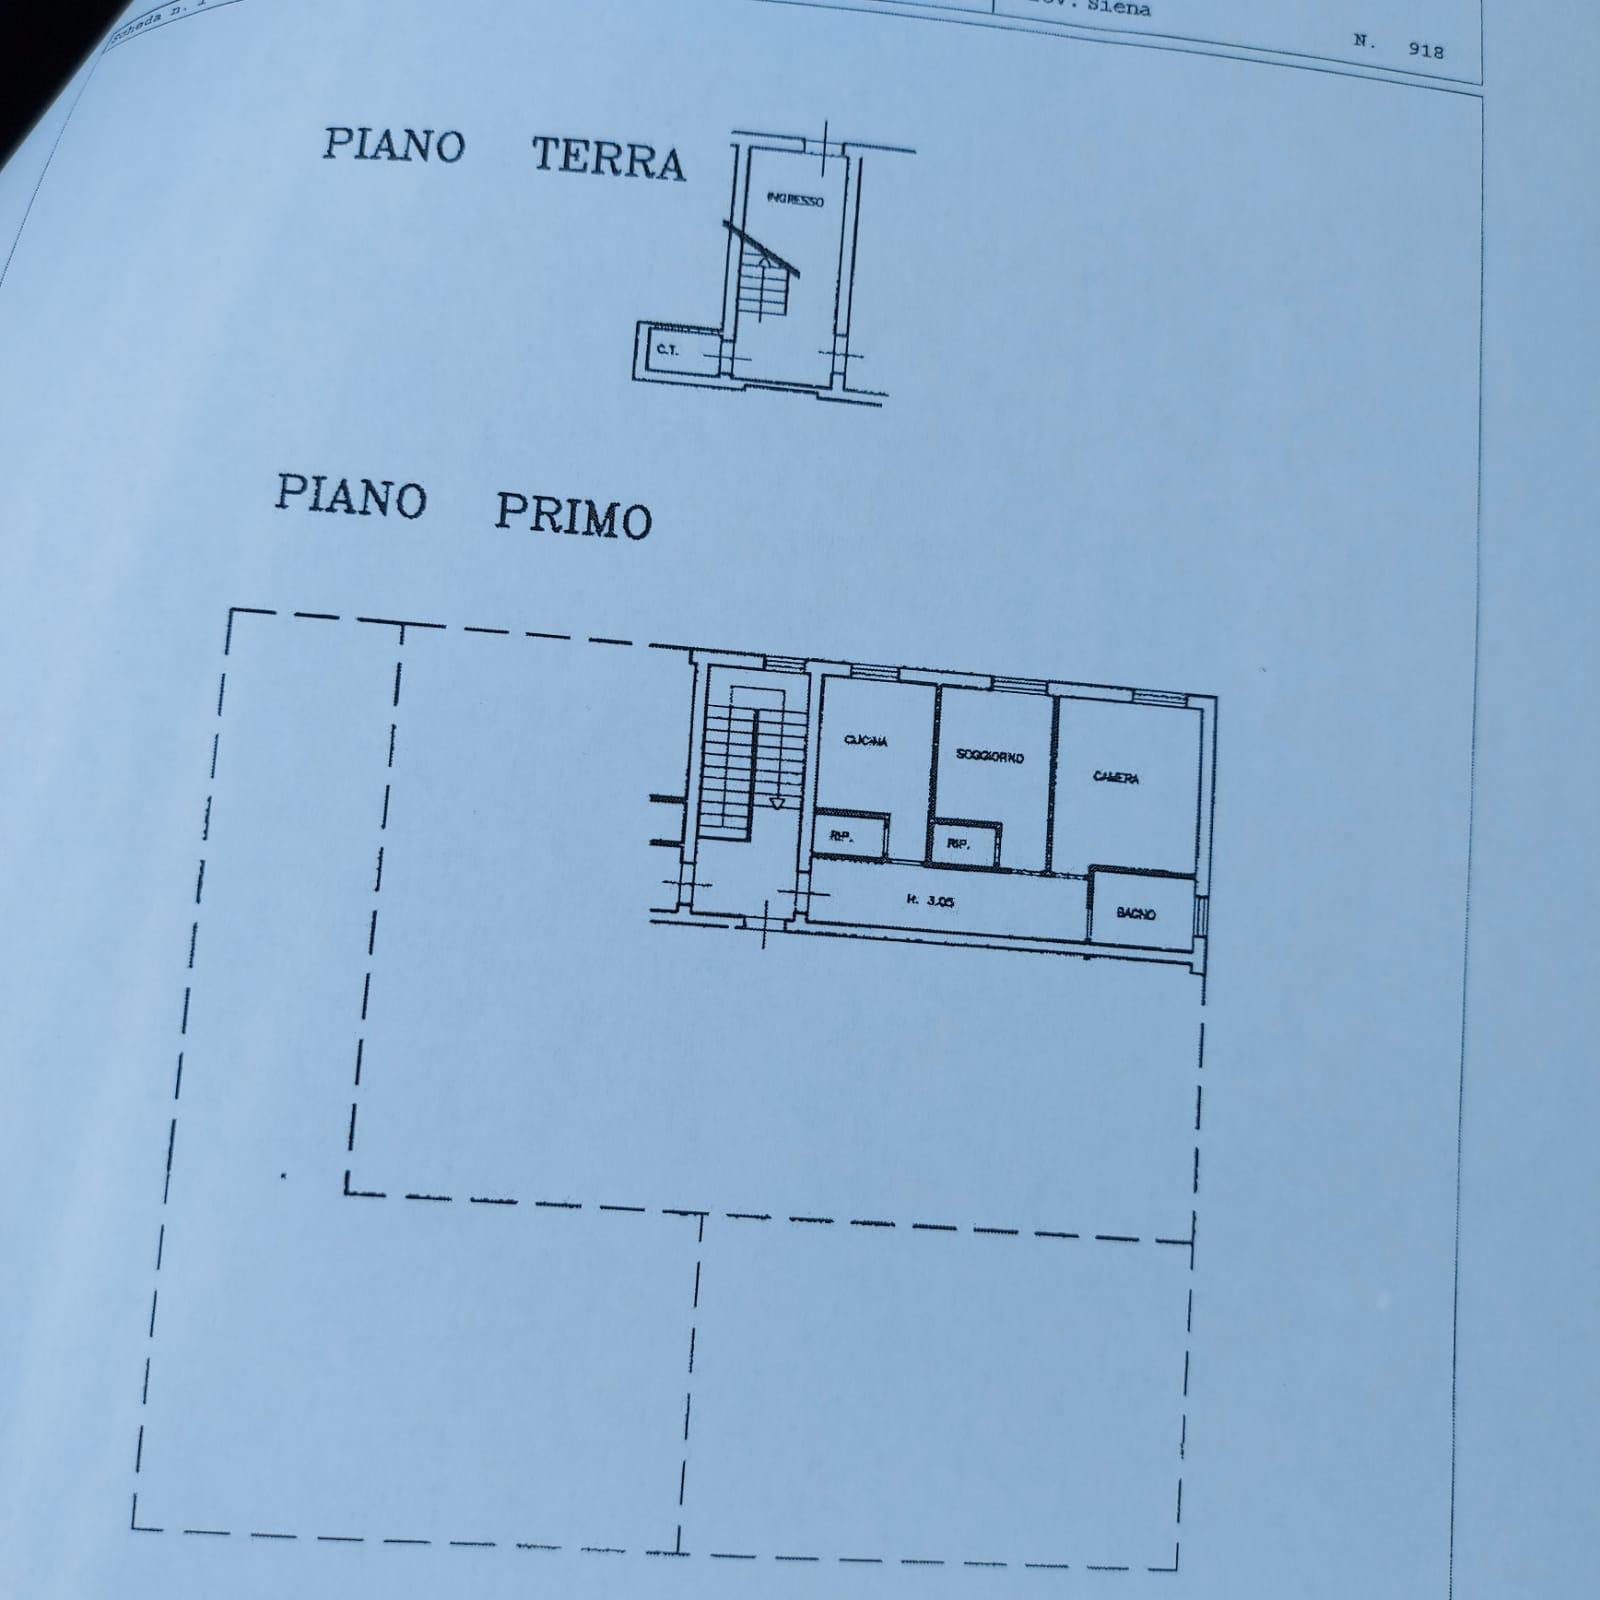 Appartamento in vendita, rif. 864 (Planimetria 1/1)